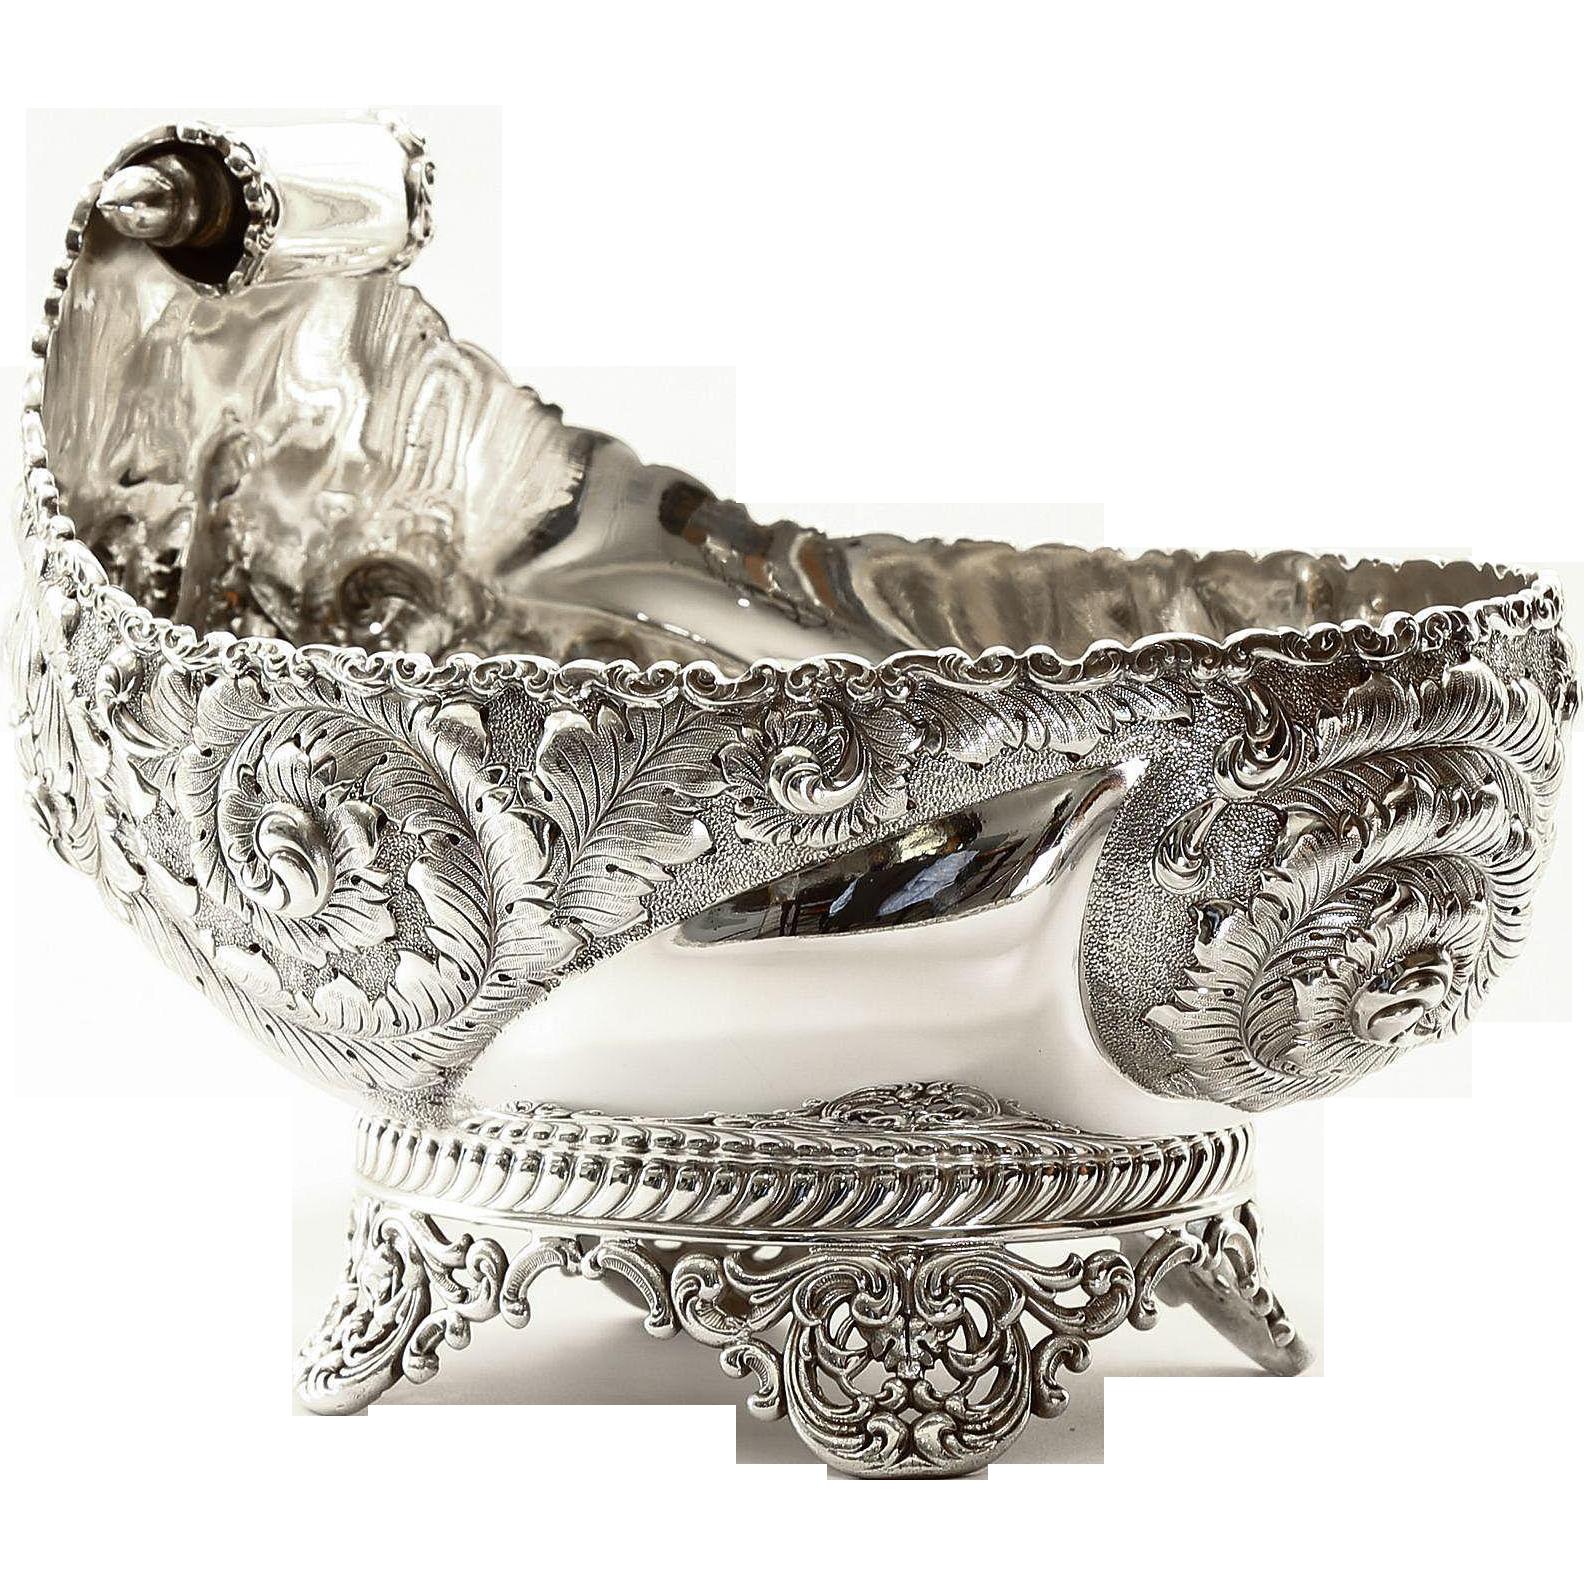 Magnificent Circa 1890 Victorian Silver Bowl Sgn. Wilcox